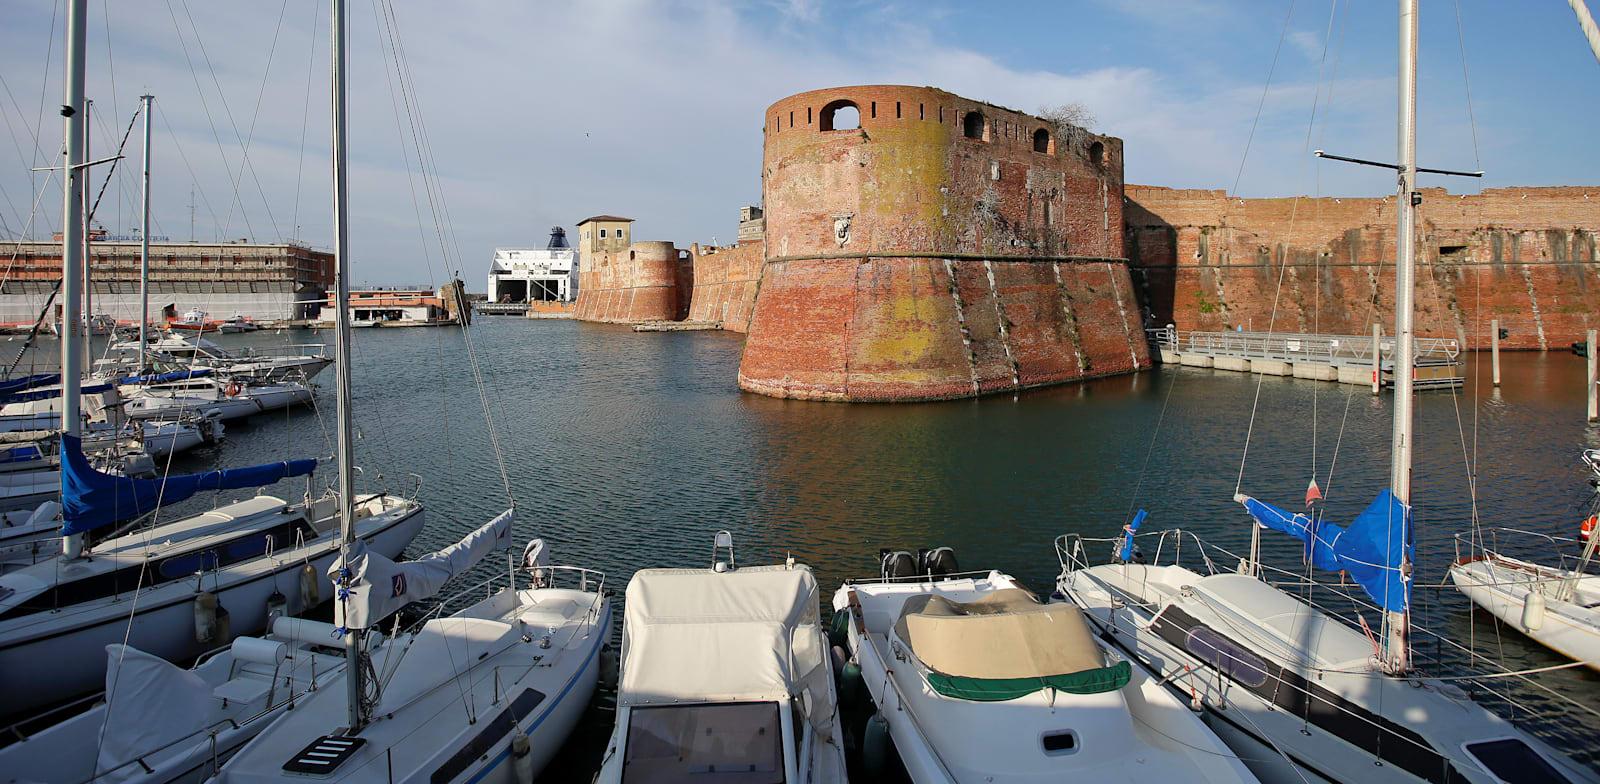 נמל ליבורנו באיטליה / צילום: Reuters, Max Rossi